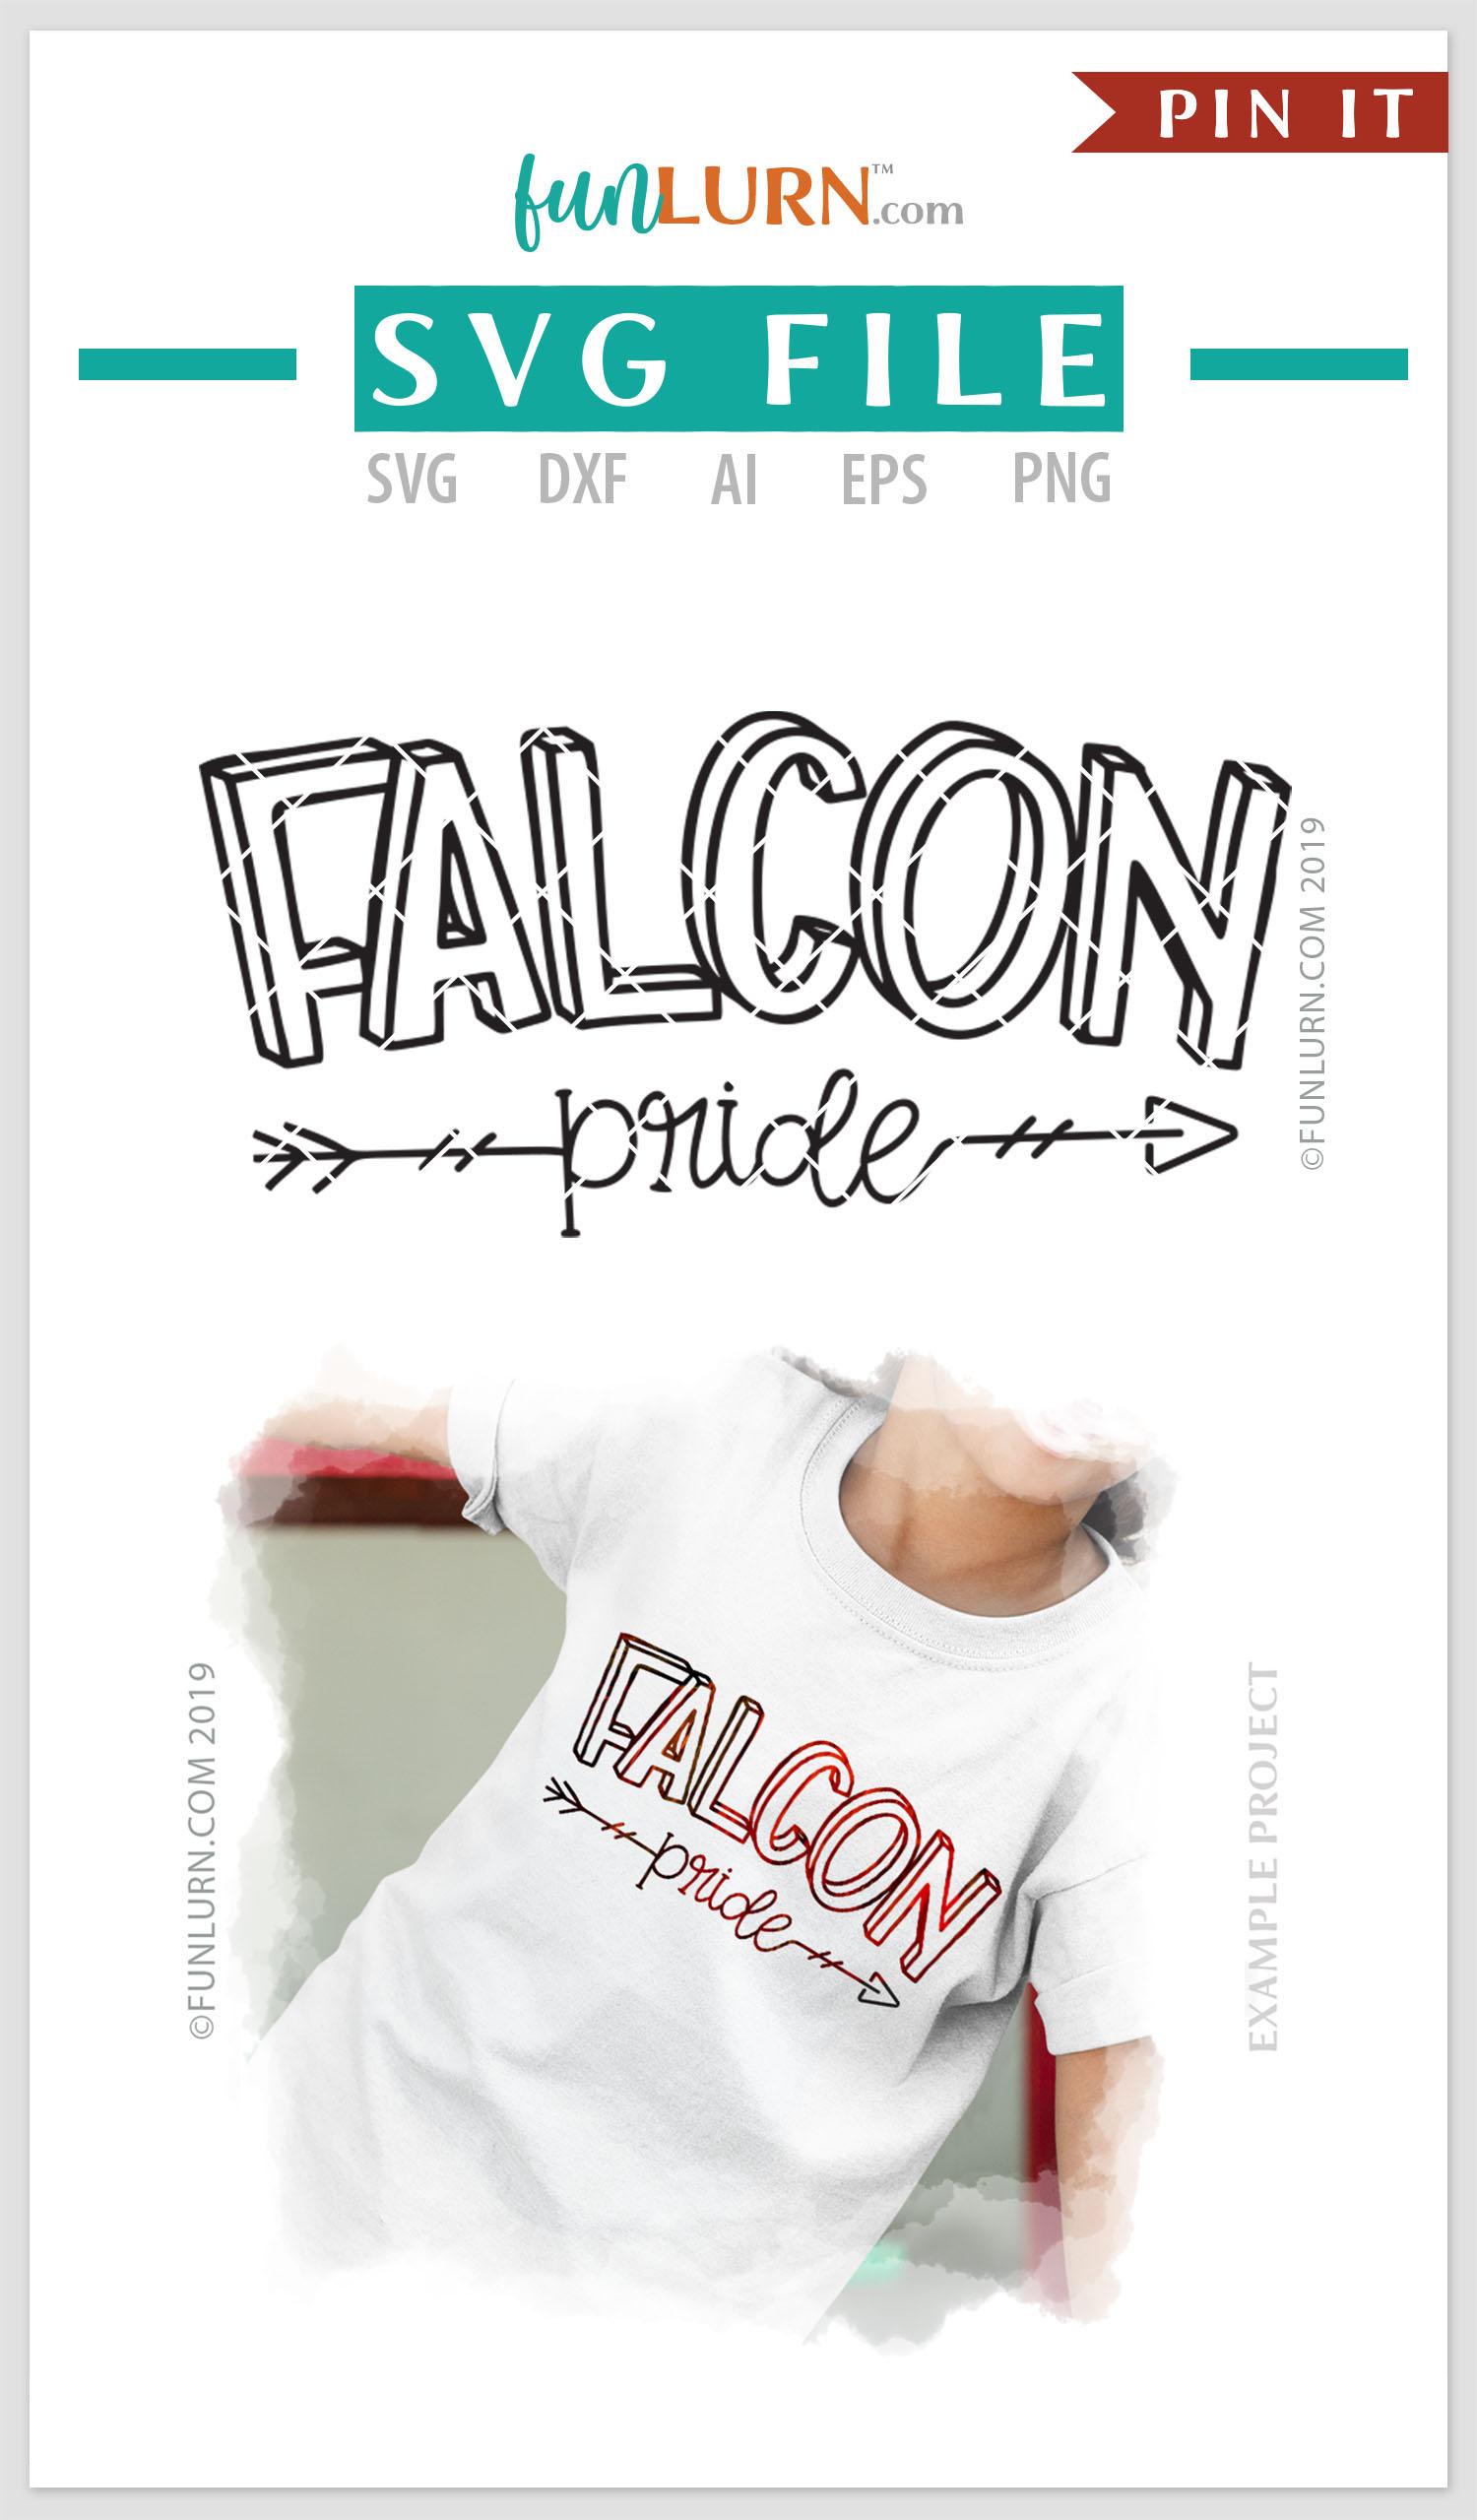 Falcon Pride Team SVG Cut File example image 4